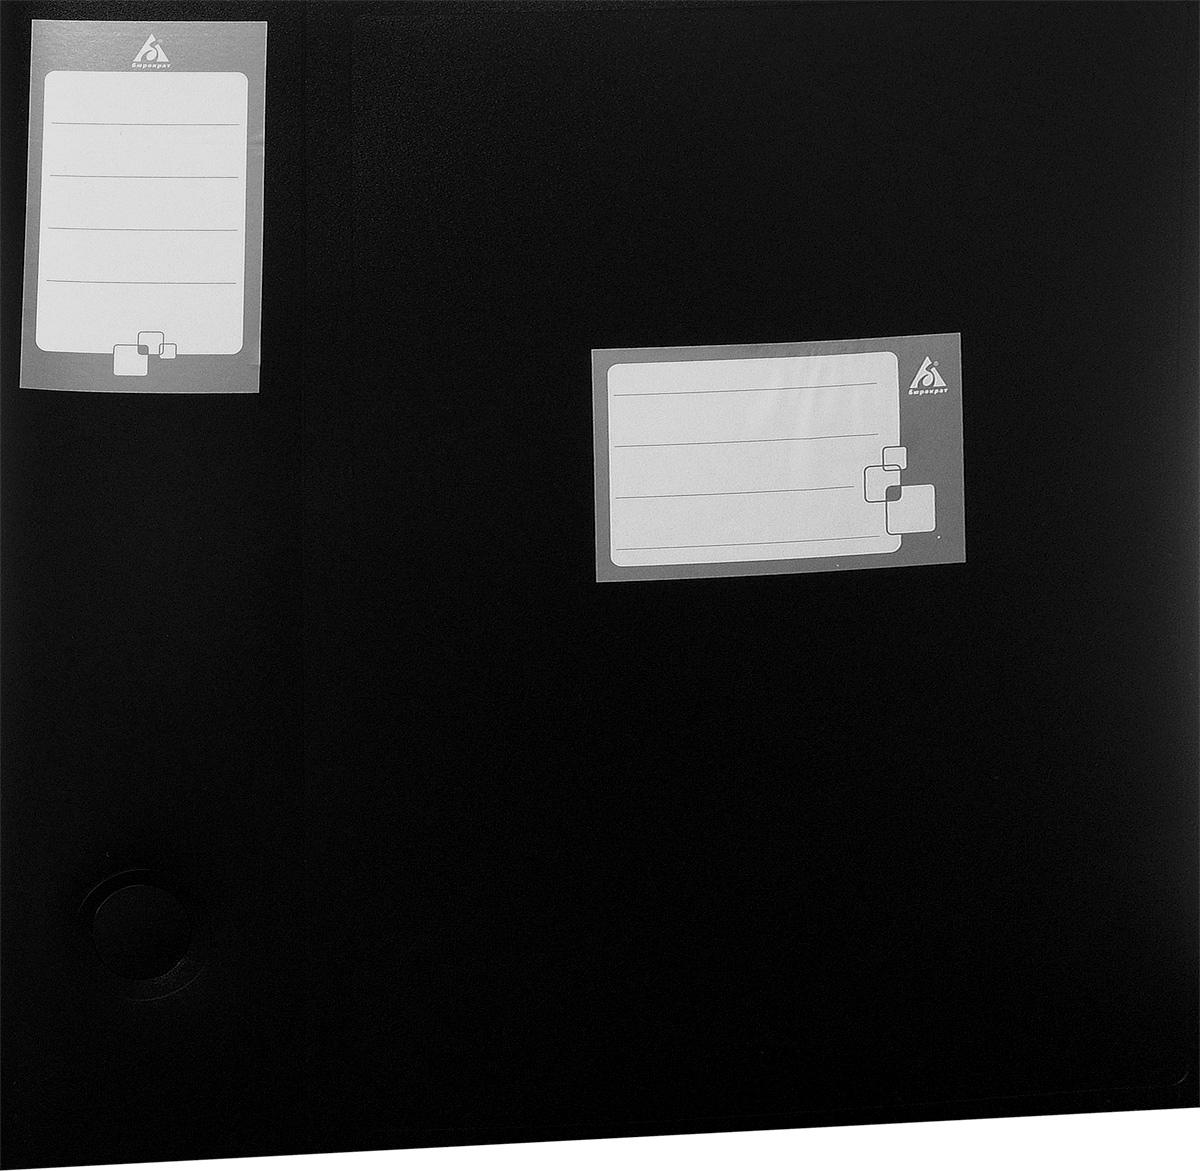 Бюрократ Архивный короб цвет черный 816194816194Архивный короб Бюрократ очень удобный и прочный аксессуар для хранения листов и документов формата А4. Папка закрывается на удобную вырубную застежку и имеет два стикера для записи, на абзаце и сбоку. Для удобства извлечения папки с места хранения, на двух торцевых сторонах предусмотрены круглые отверстия. Короб выполнен из прочного пластика толщиной 0,8 мм. Архивный короб Бюрократ поможет вам красиво и правильно организовать хранение документов.